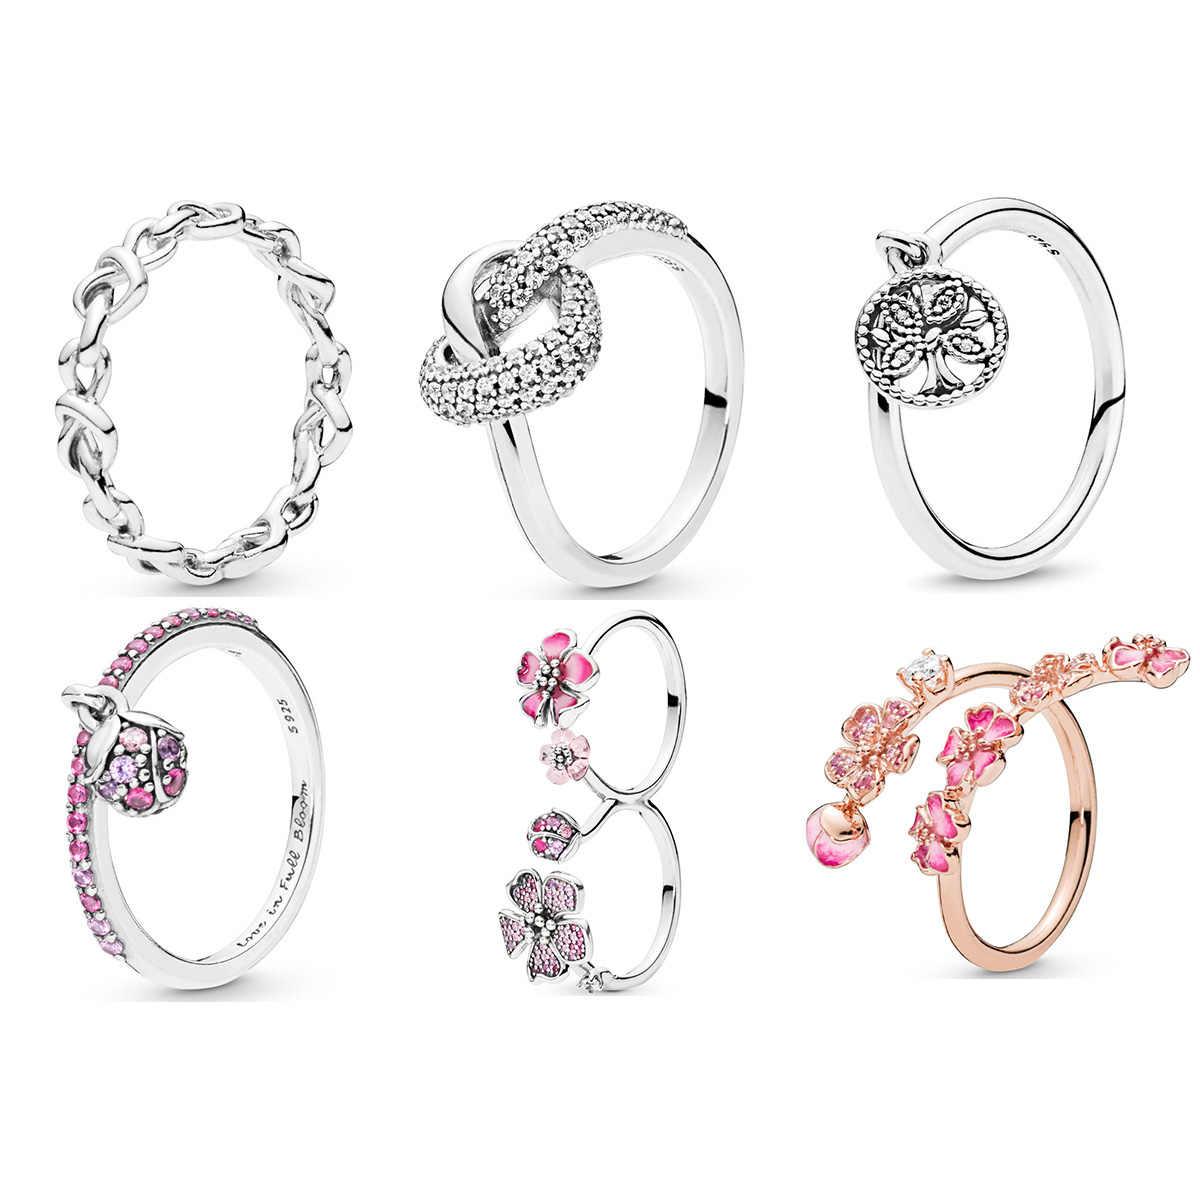 100% 925 Sterling Silver Cincin Ungu Kristal Bunga Jantung Bentuk Pohon Cincin untuk Wanita Perhiasan Cantik